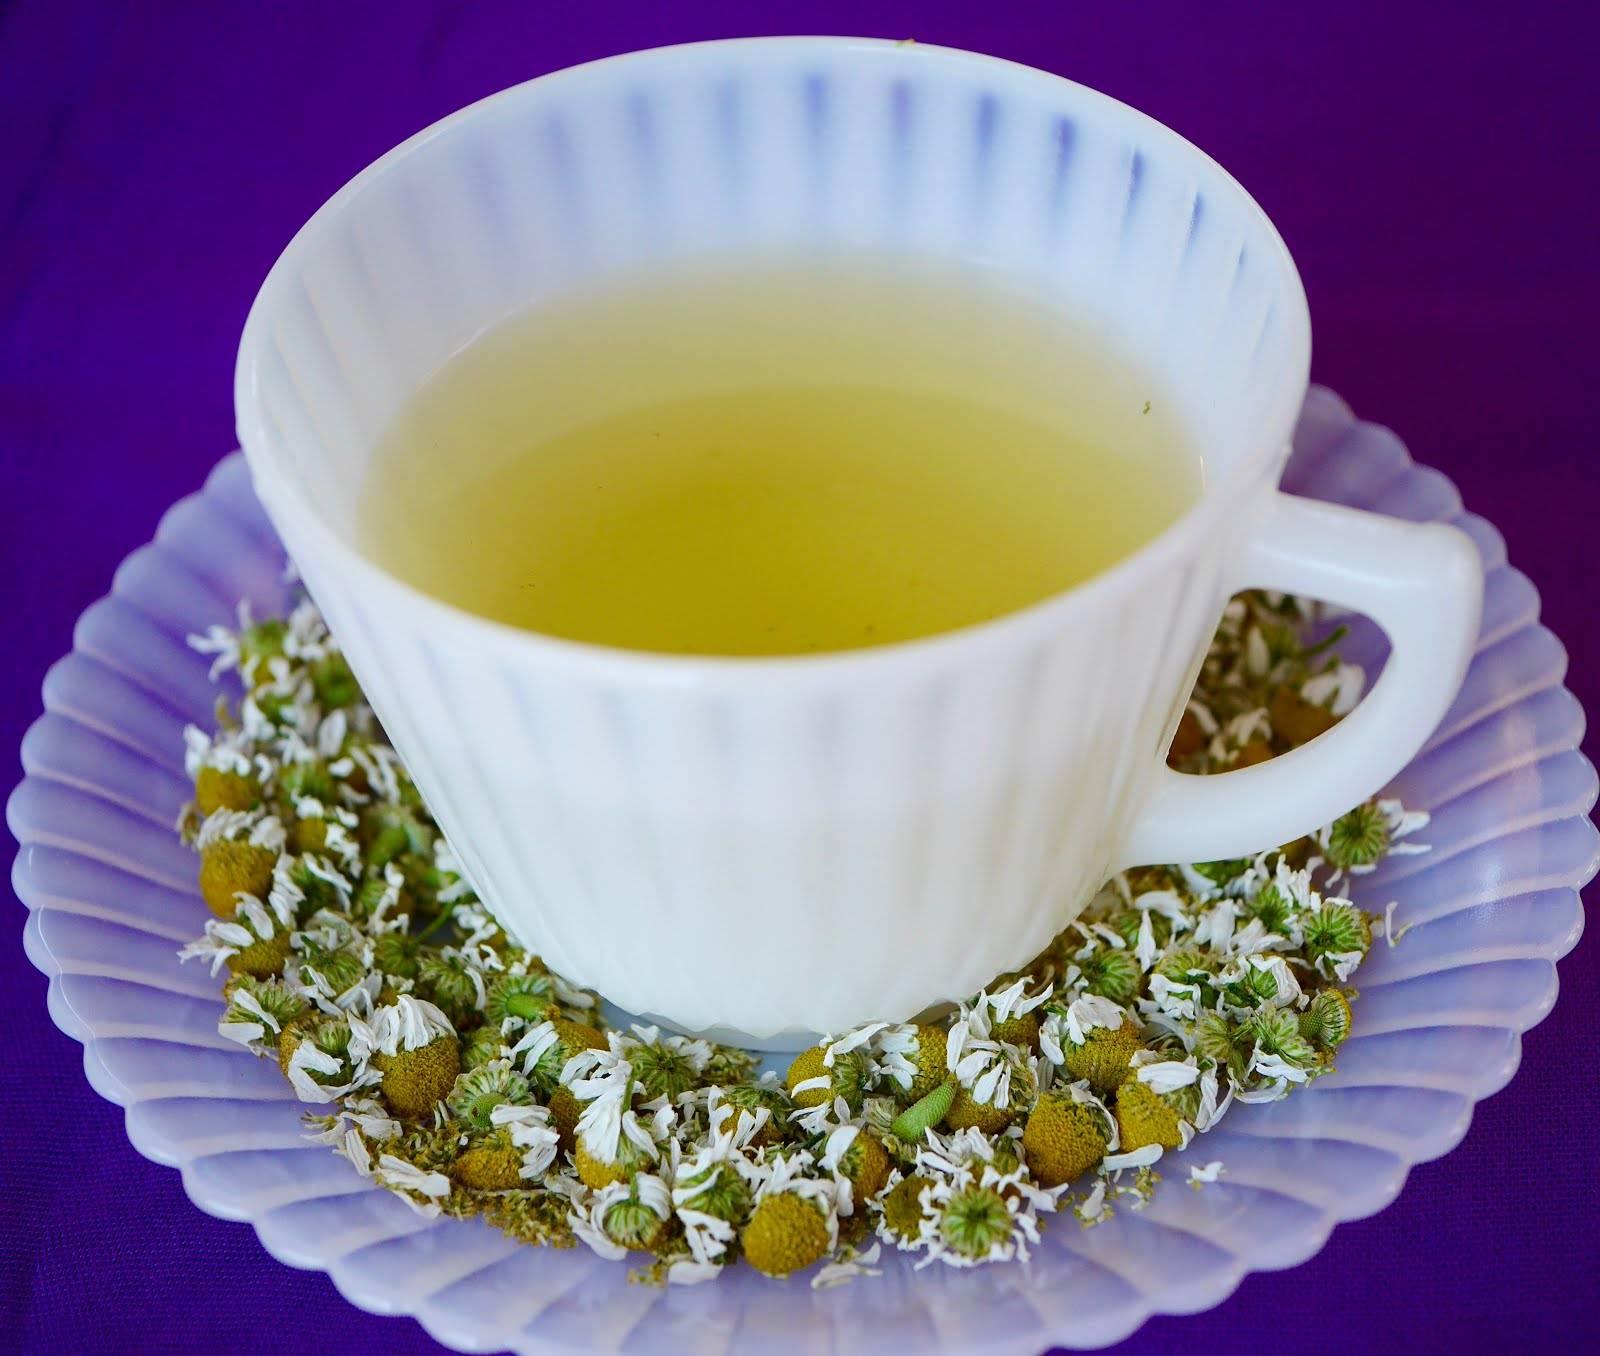 Цветы хризантемы — легкая горчинка и сладкое послевкусие